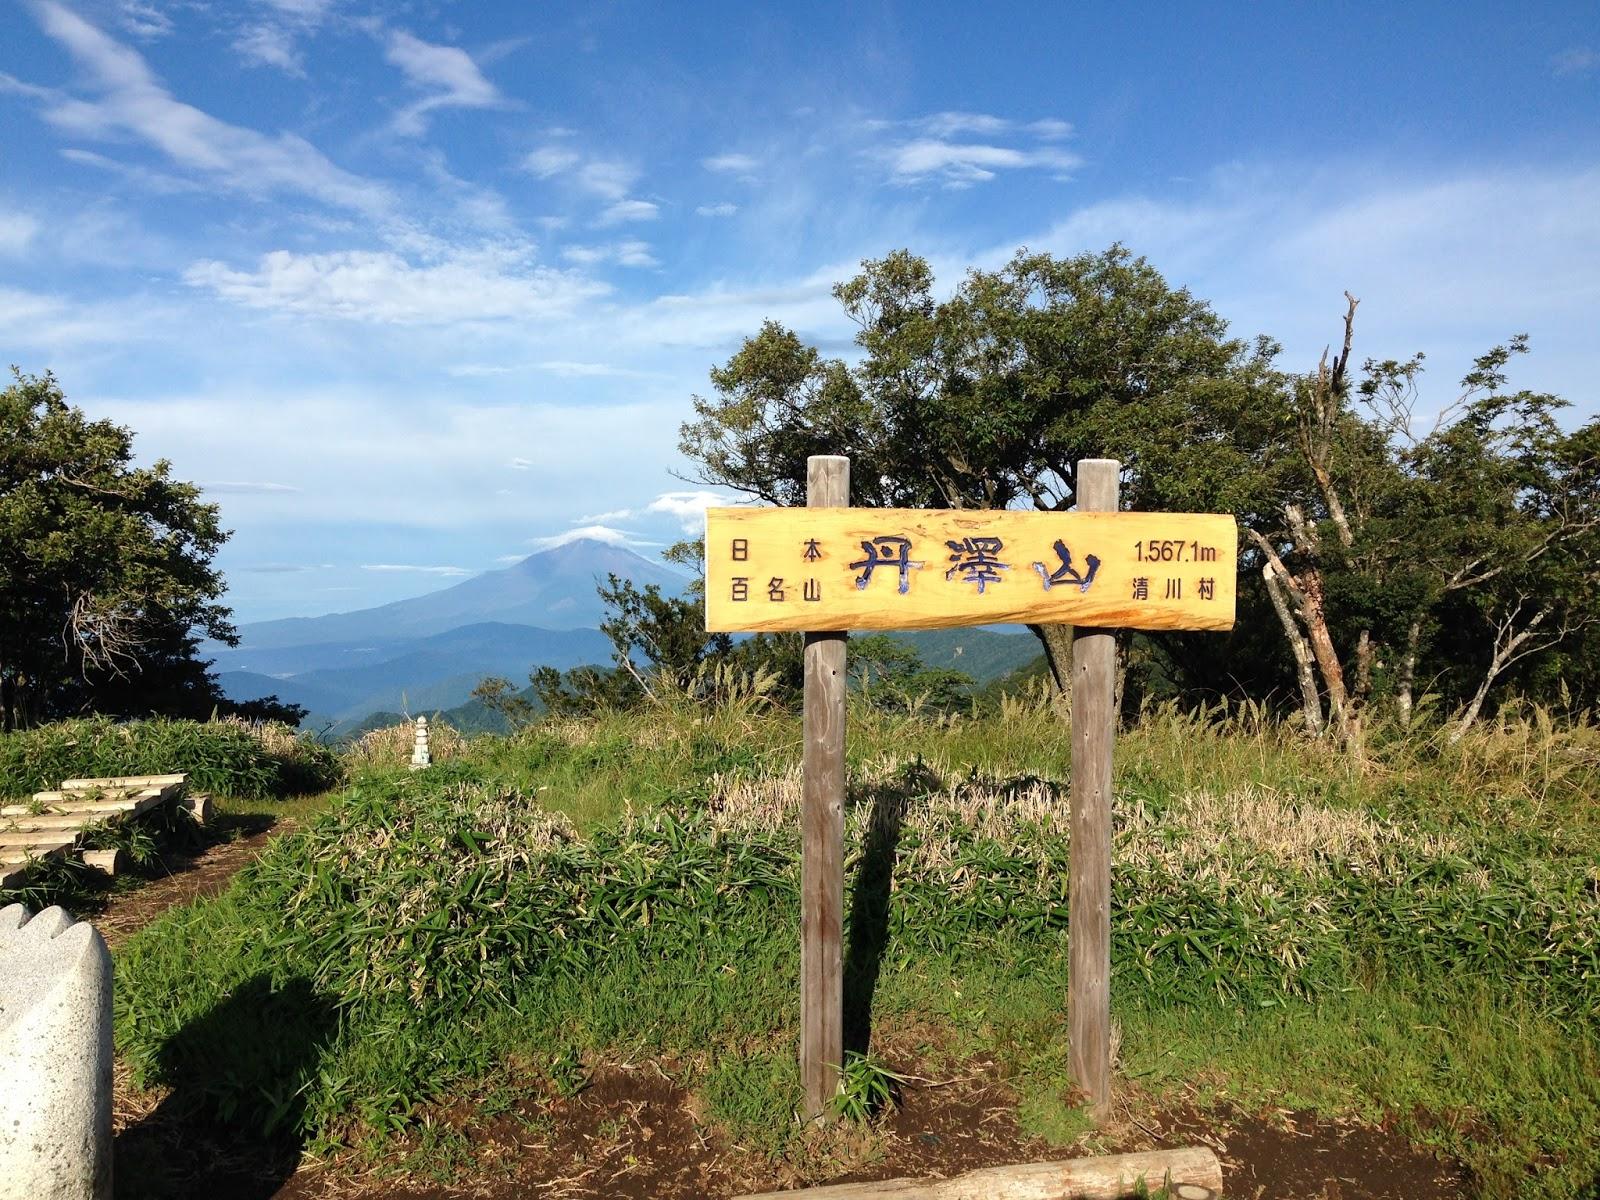 田中 グレート トラバース 田中陽希さんを追いかけるNHKの「グレートトラバース3」。2月6日の第32集はニセコアンヌプリや羊蹄山など北海道の5座